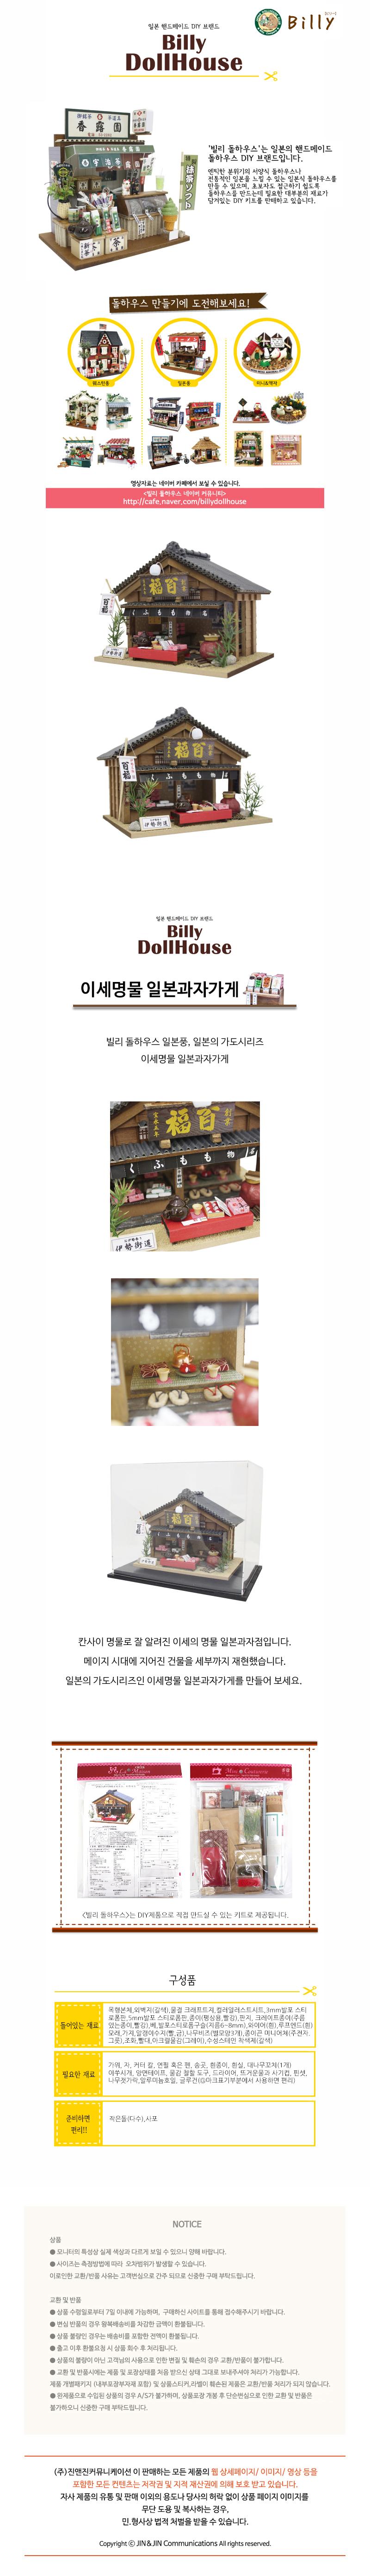 이세명물 일본과자가게 - 빌리돌하우스, 72,000원, 미니어처 DIY, 미니어처 만들기 패키지